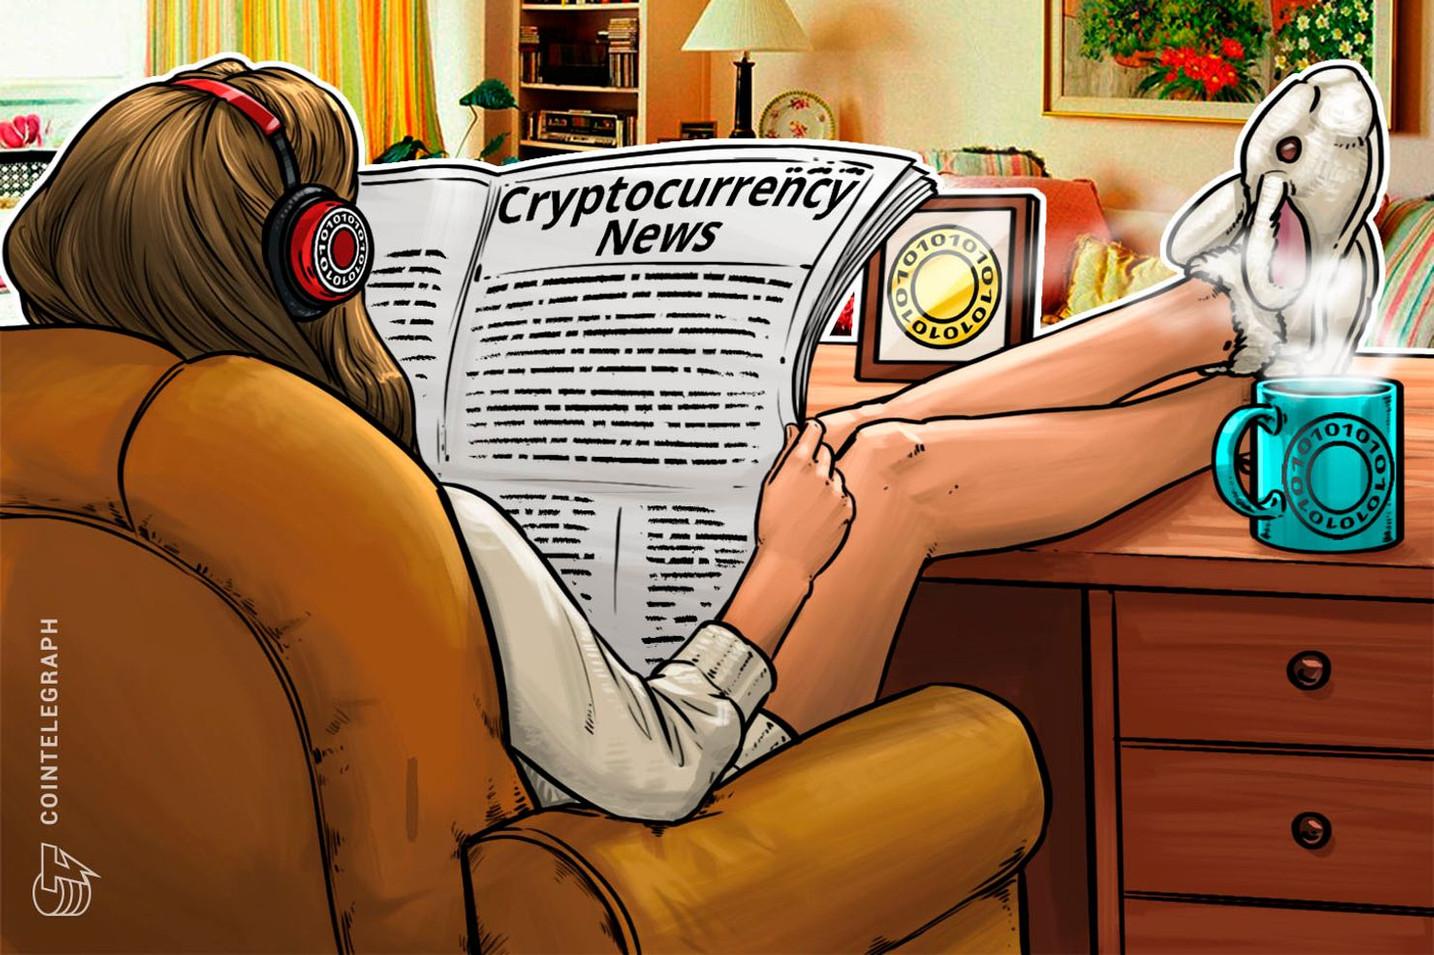 【随時追記】主要仮想通貨取引所決算 ビットポイントやGMOコインなど